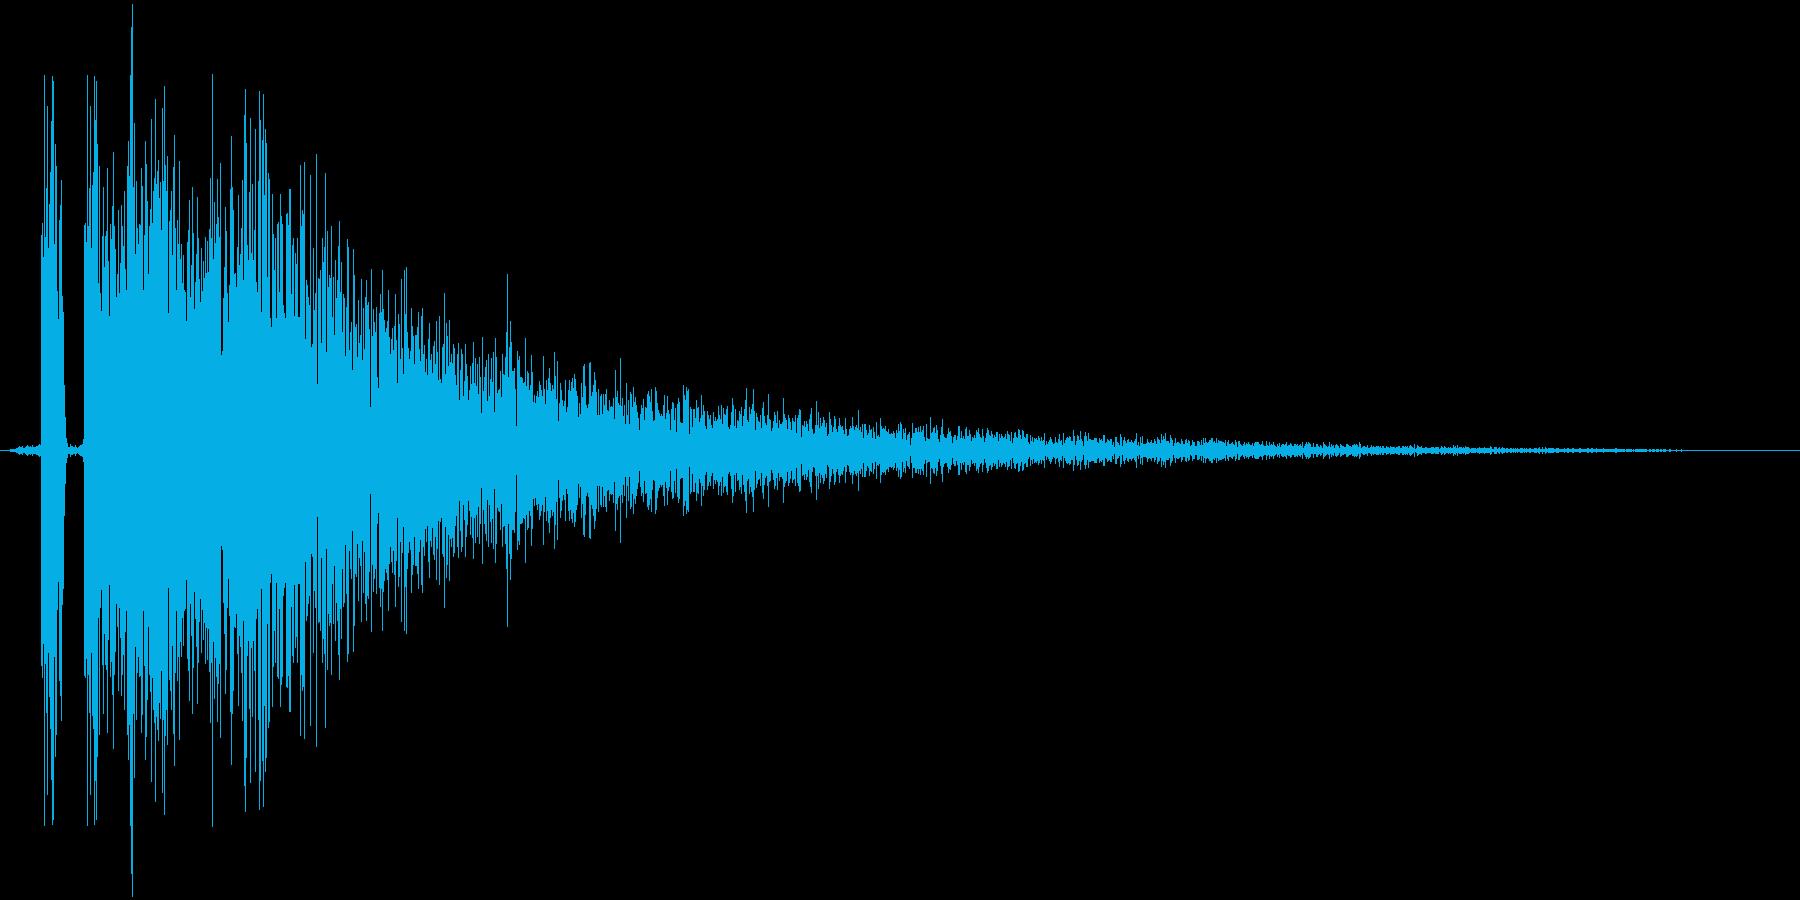 「ガンッ」金属的な攻撃ヒット音の再生済みの波形